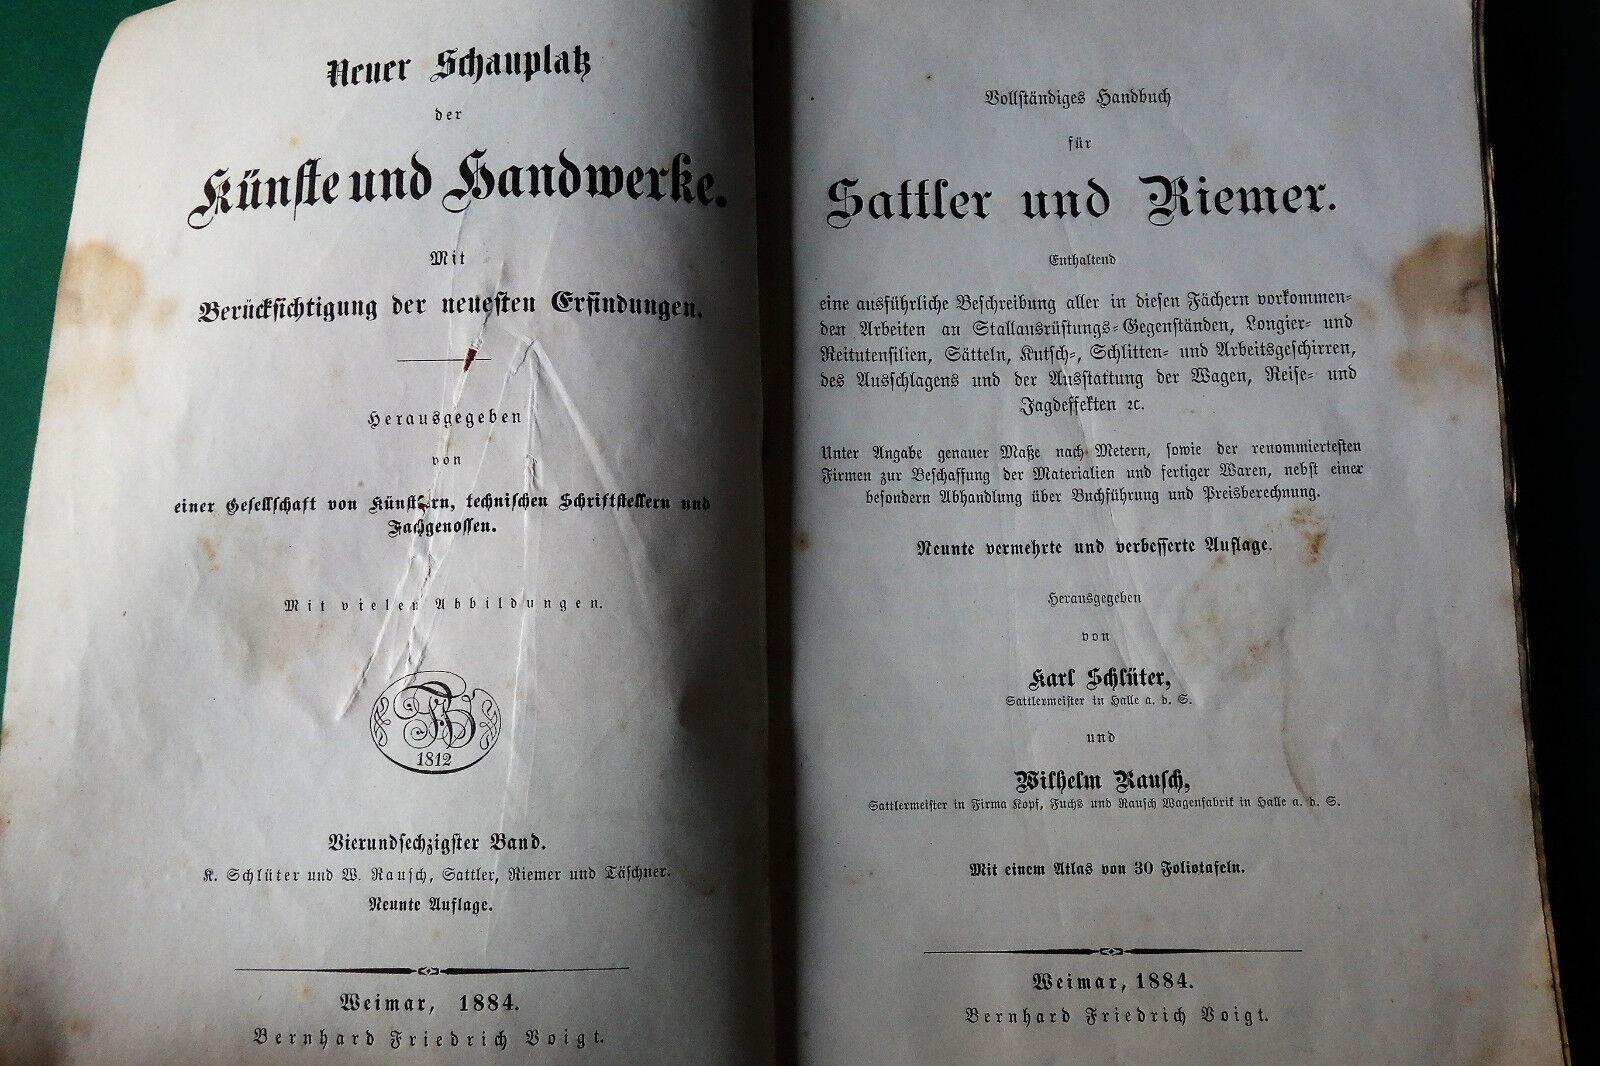 Sattler und Riemer 1884 Reitutensilien Sattel Kutschgeschirr Peitschen Leder